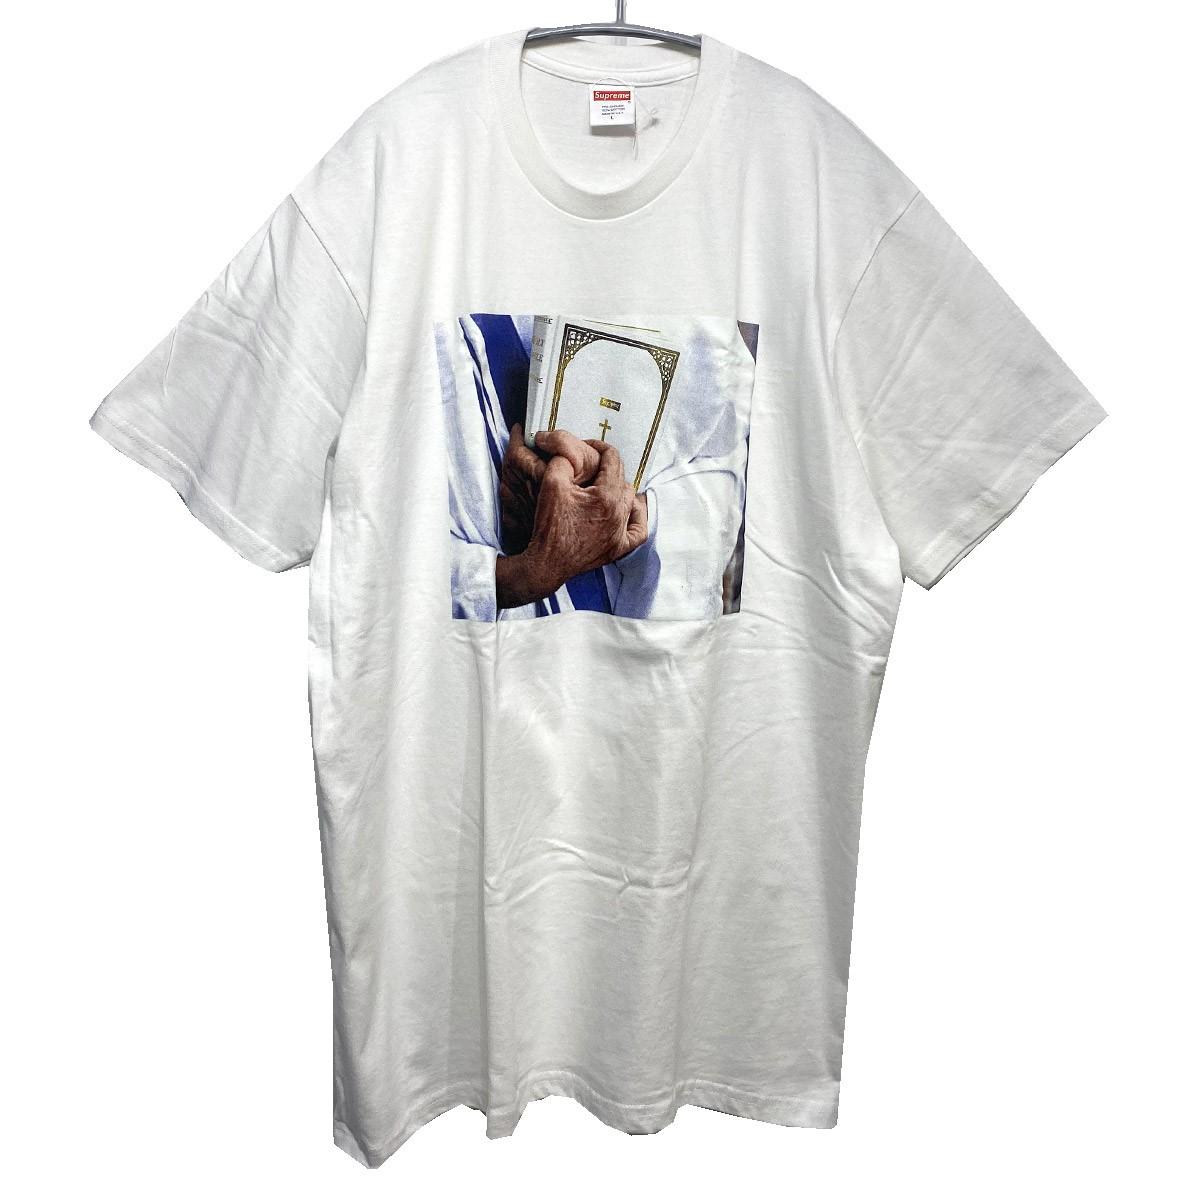 【中古】SUPREME 2019AW Bible Tee 聖書フォトTシャツ ホワイト サイズ:L 【091119】(シュプリーム)